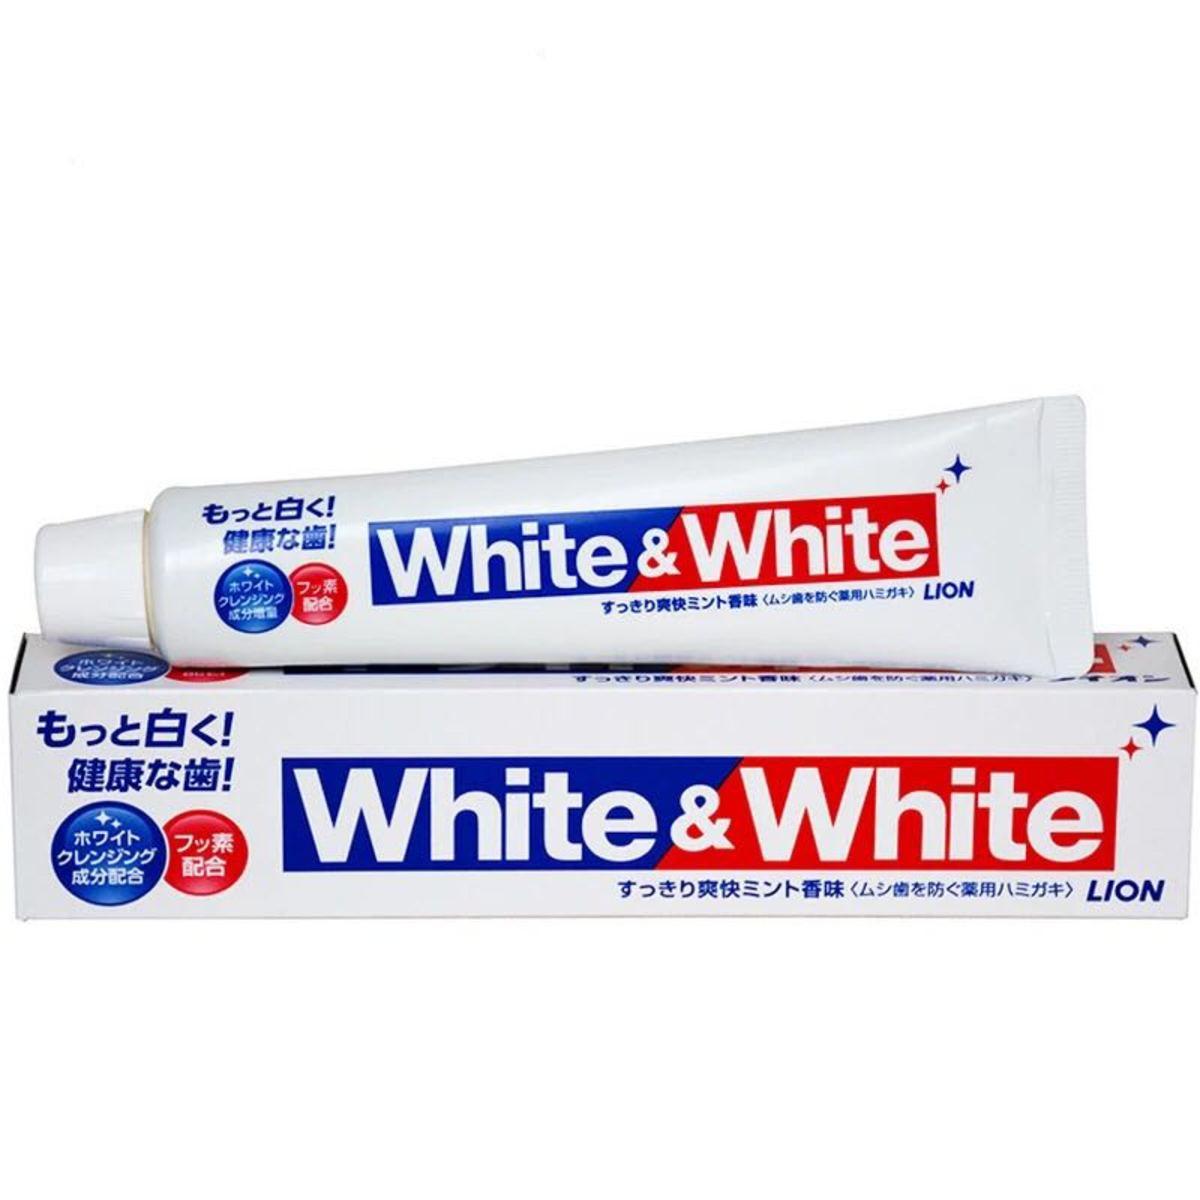 獅王特效美白牙膏150g